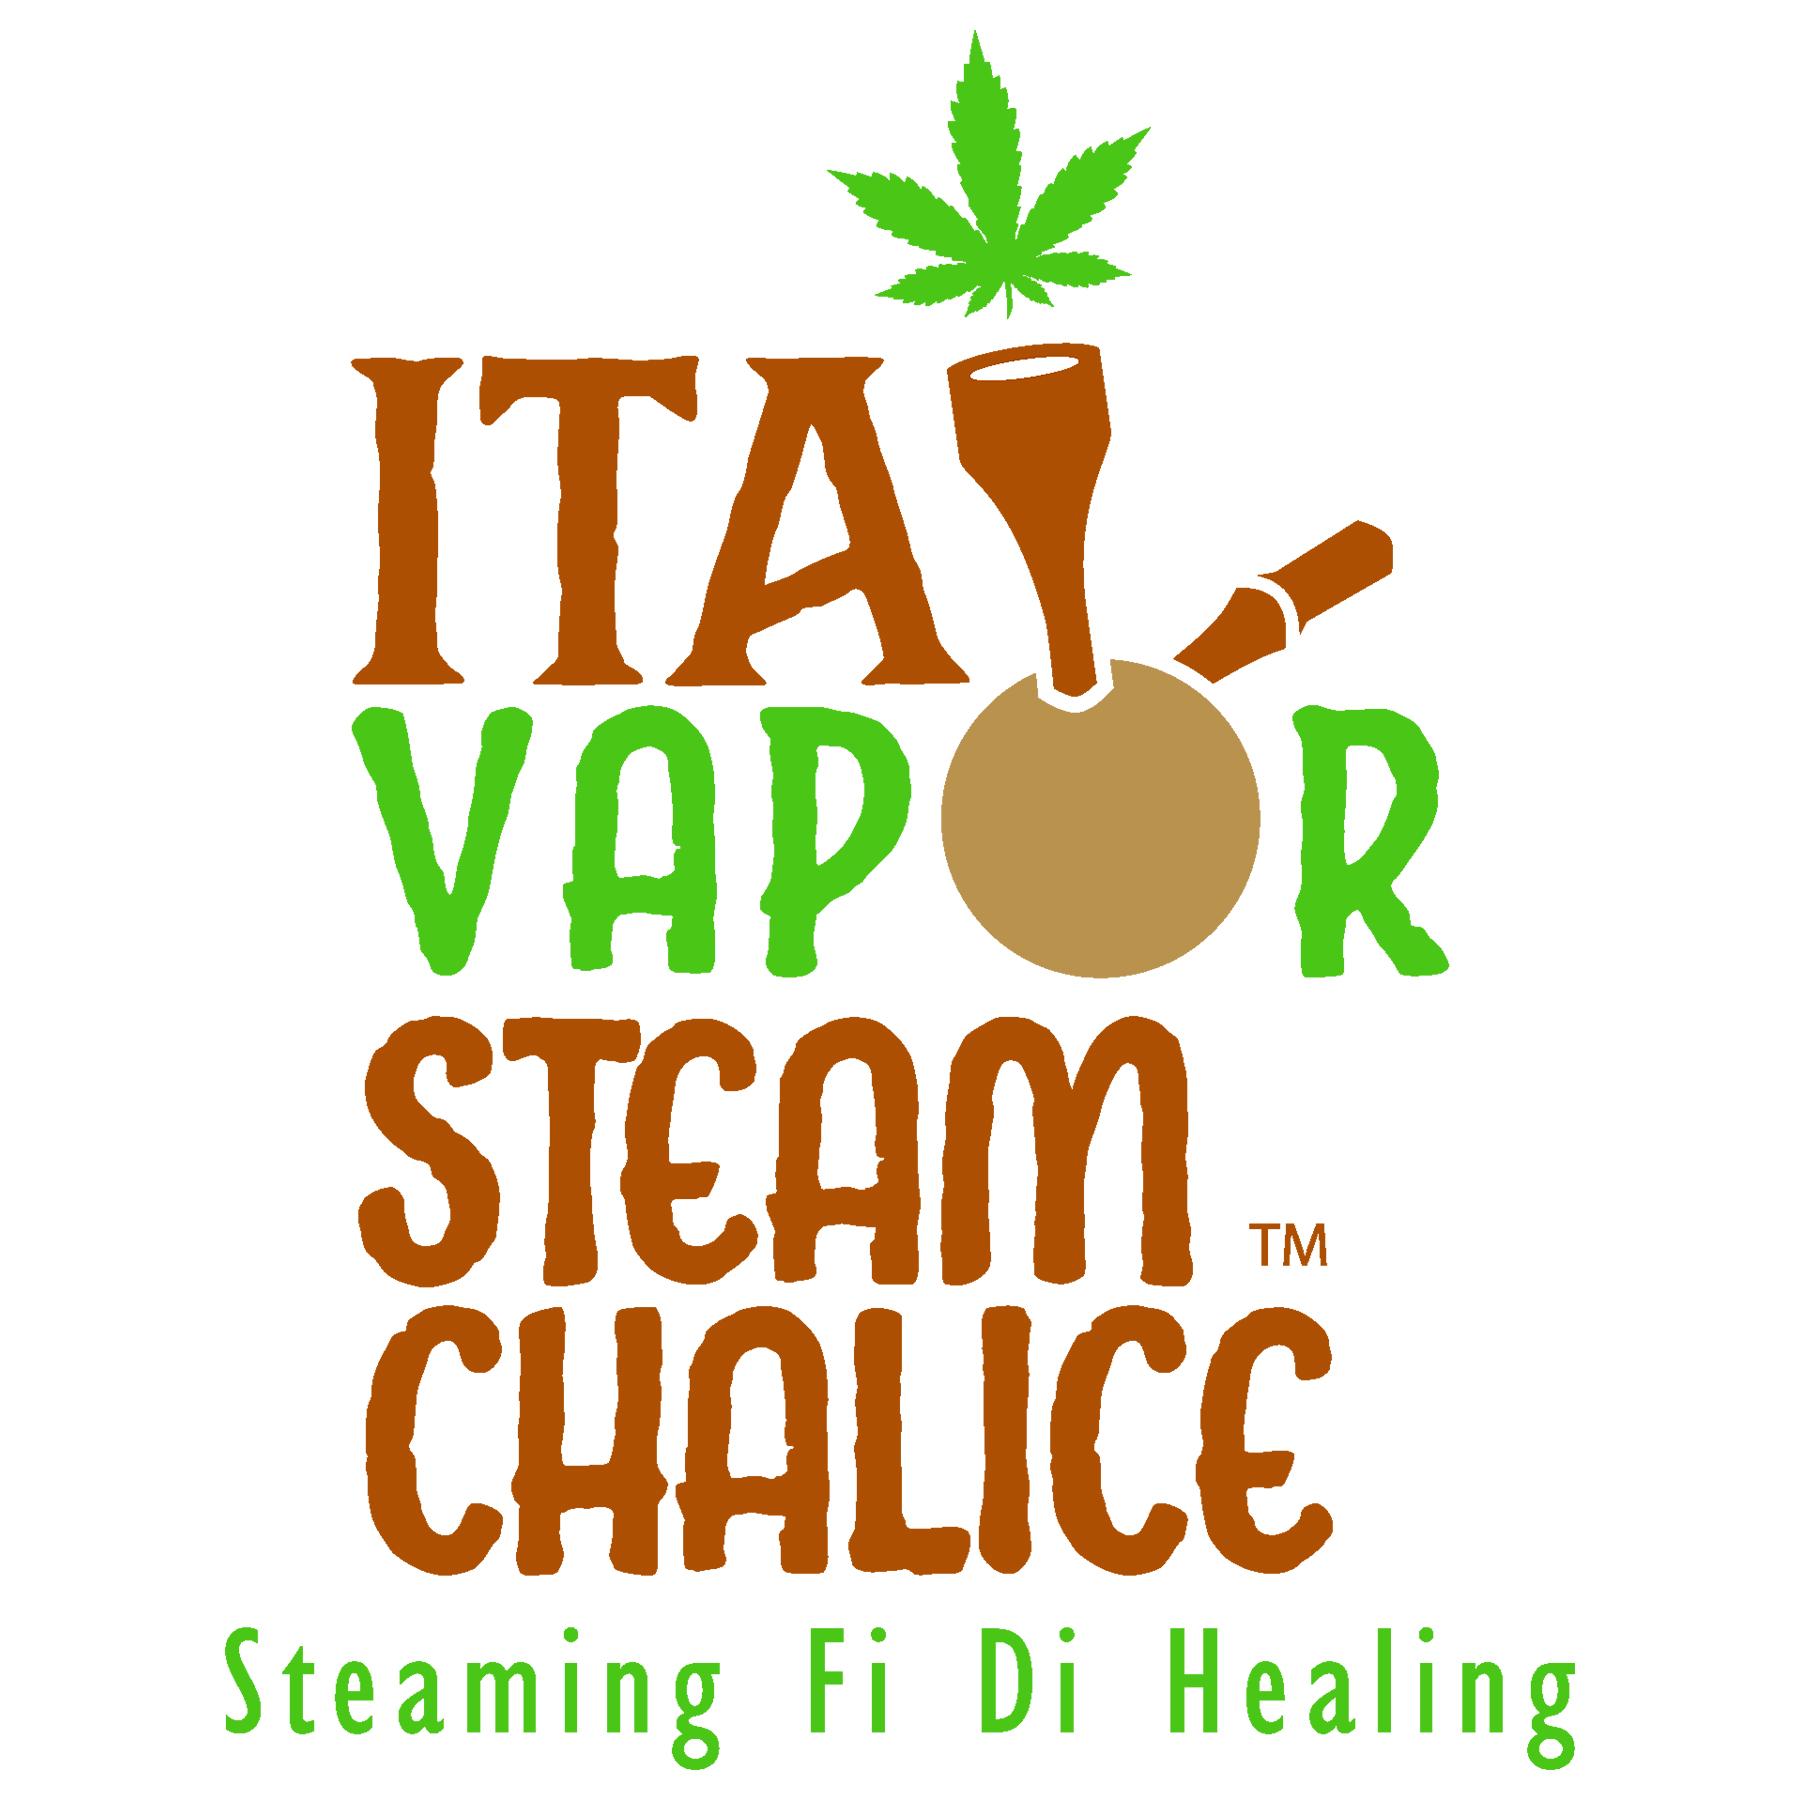 ital_steamaz_tshirt.jpg